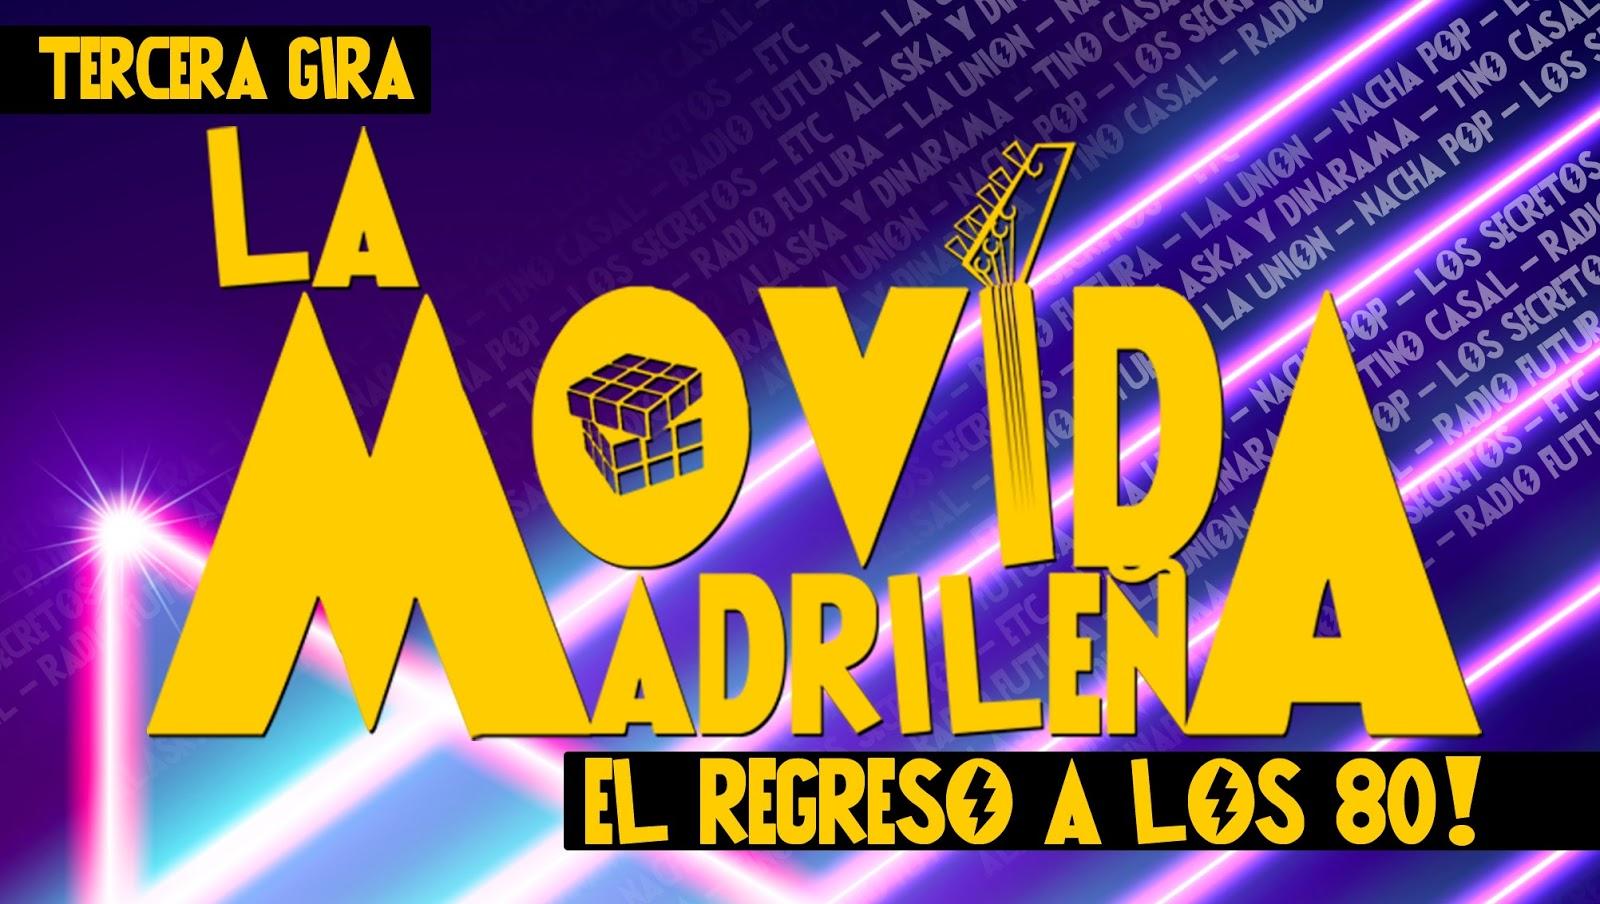 Vuelve la movida madrile a el regreso a los 80 teatro guiniguada 2 de septiembre - Gran canaria tv com ...